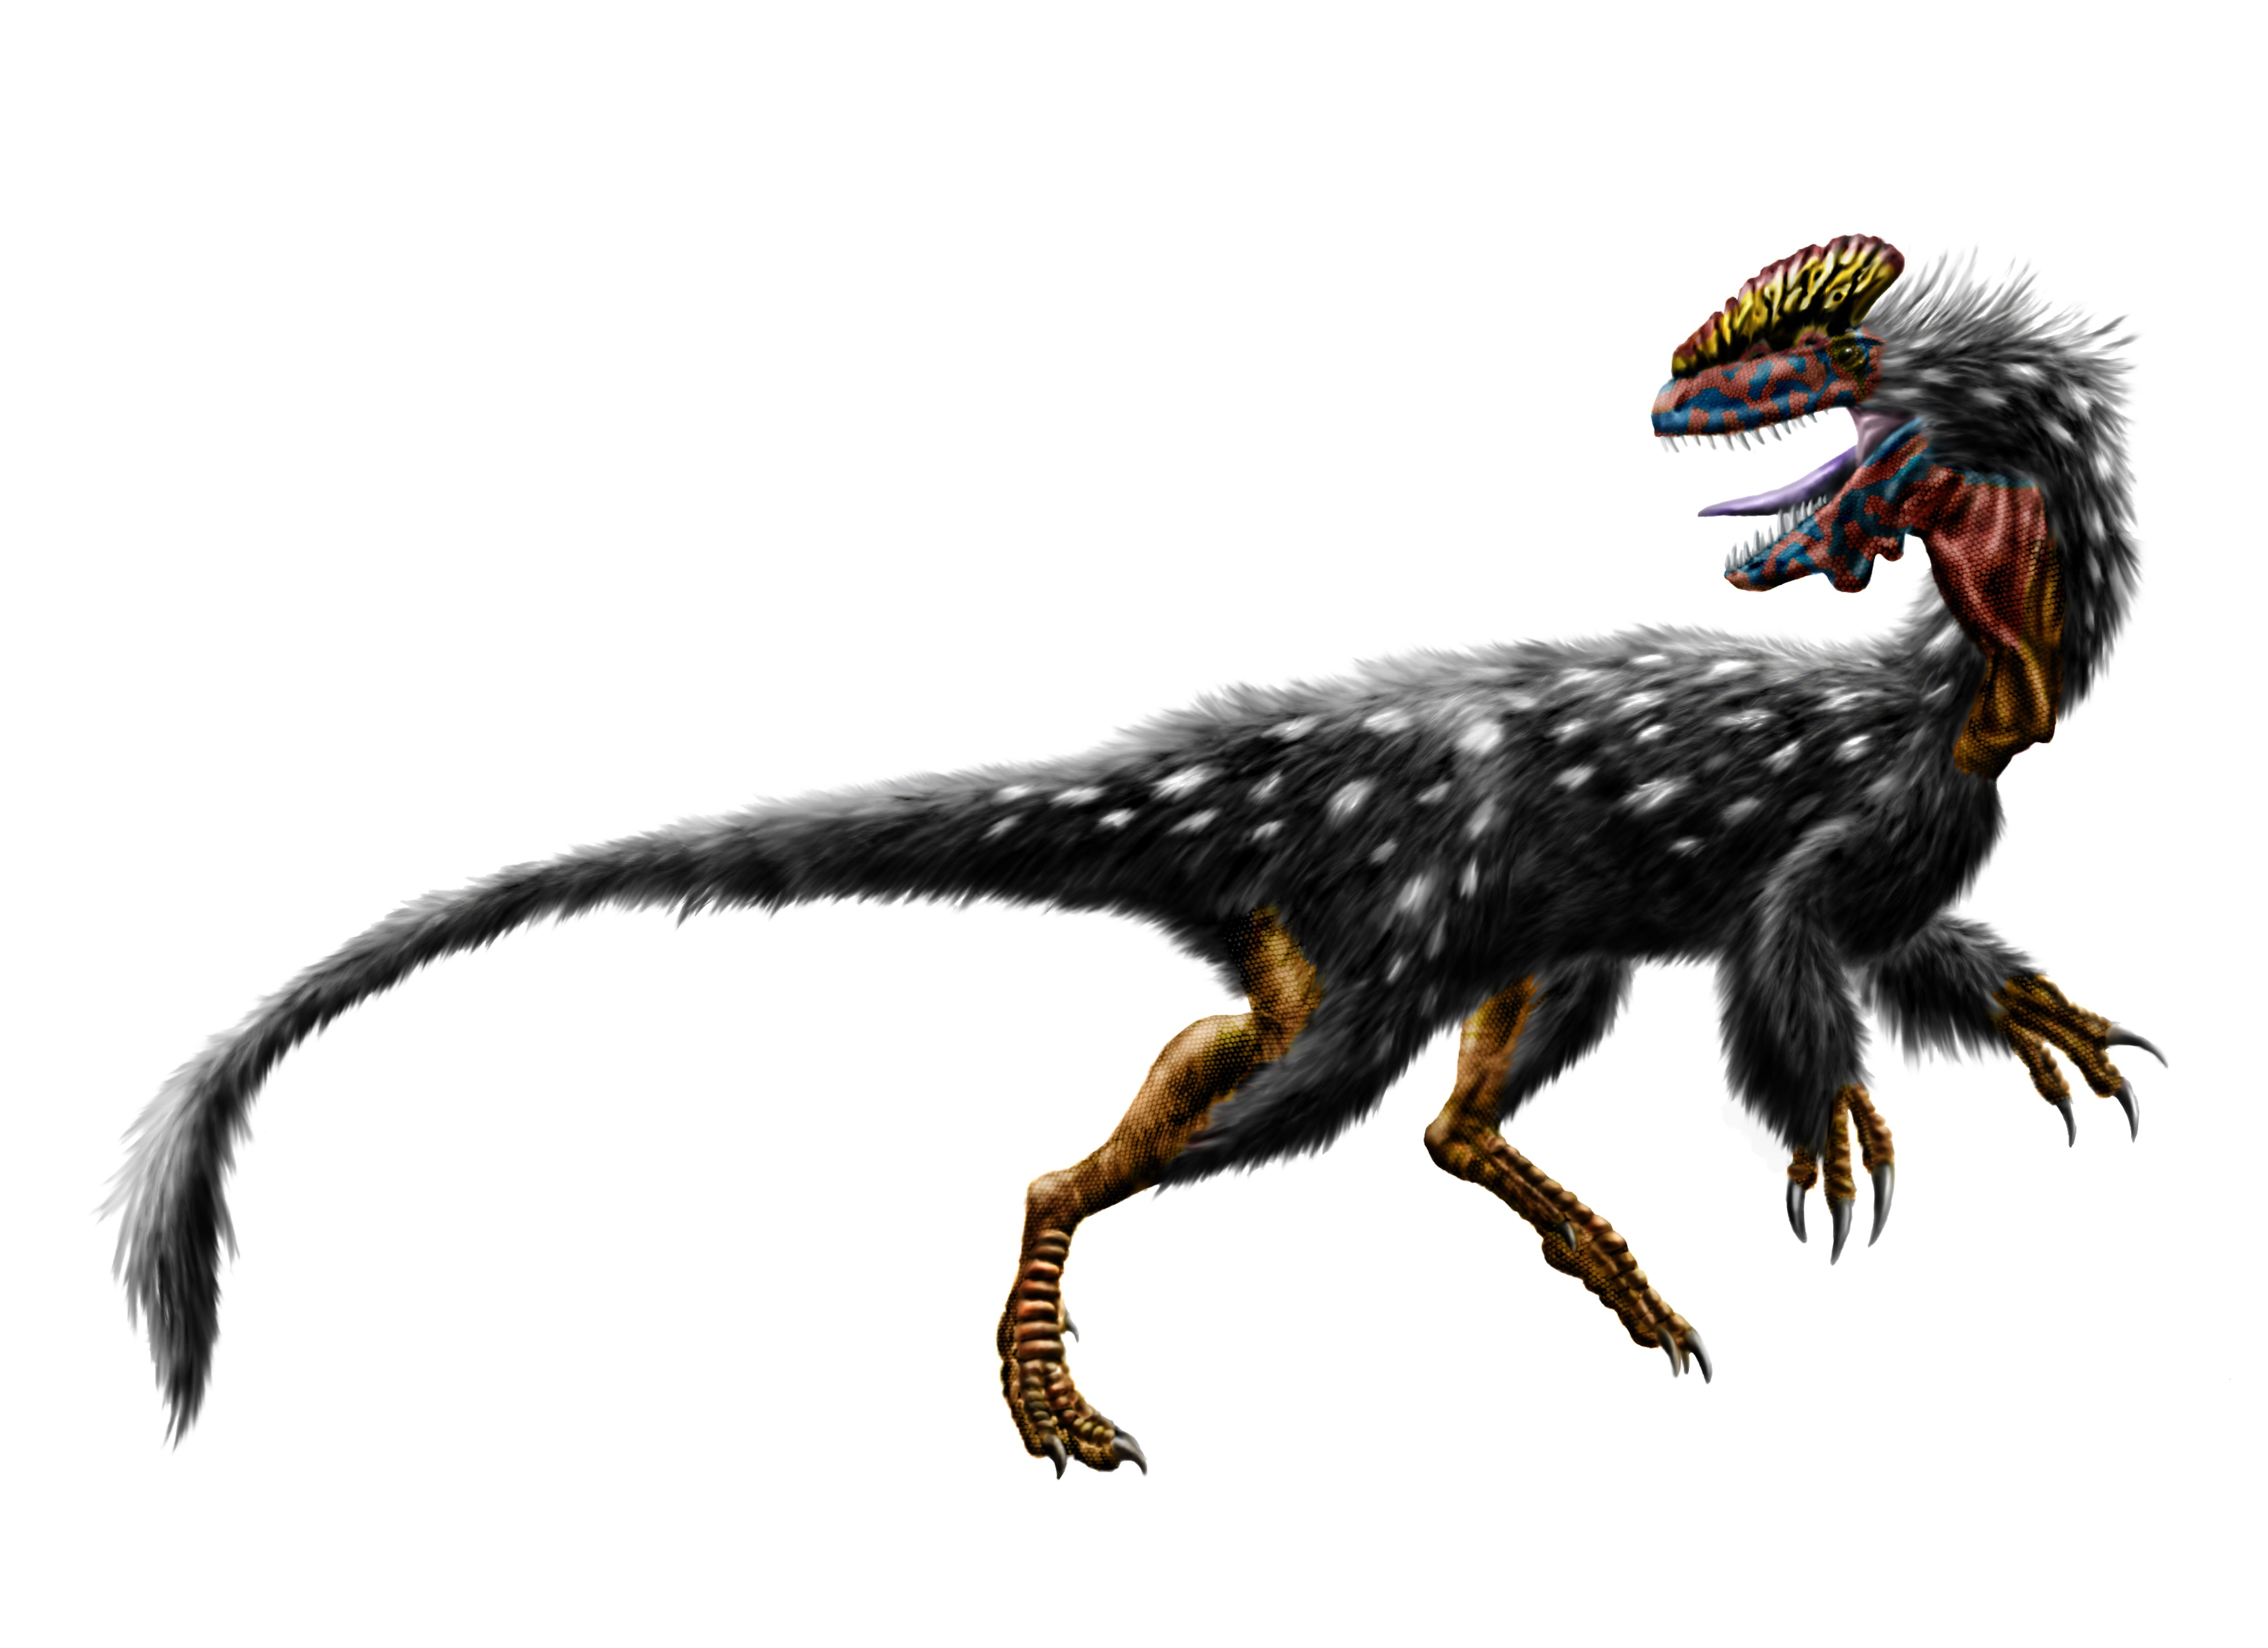 """Résultat de recherche d'images pour """"utahraptors"""""""